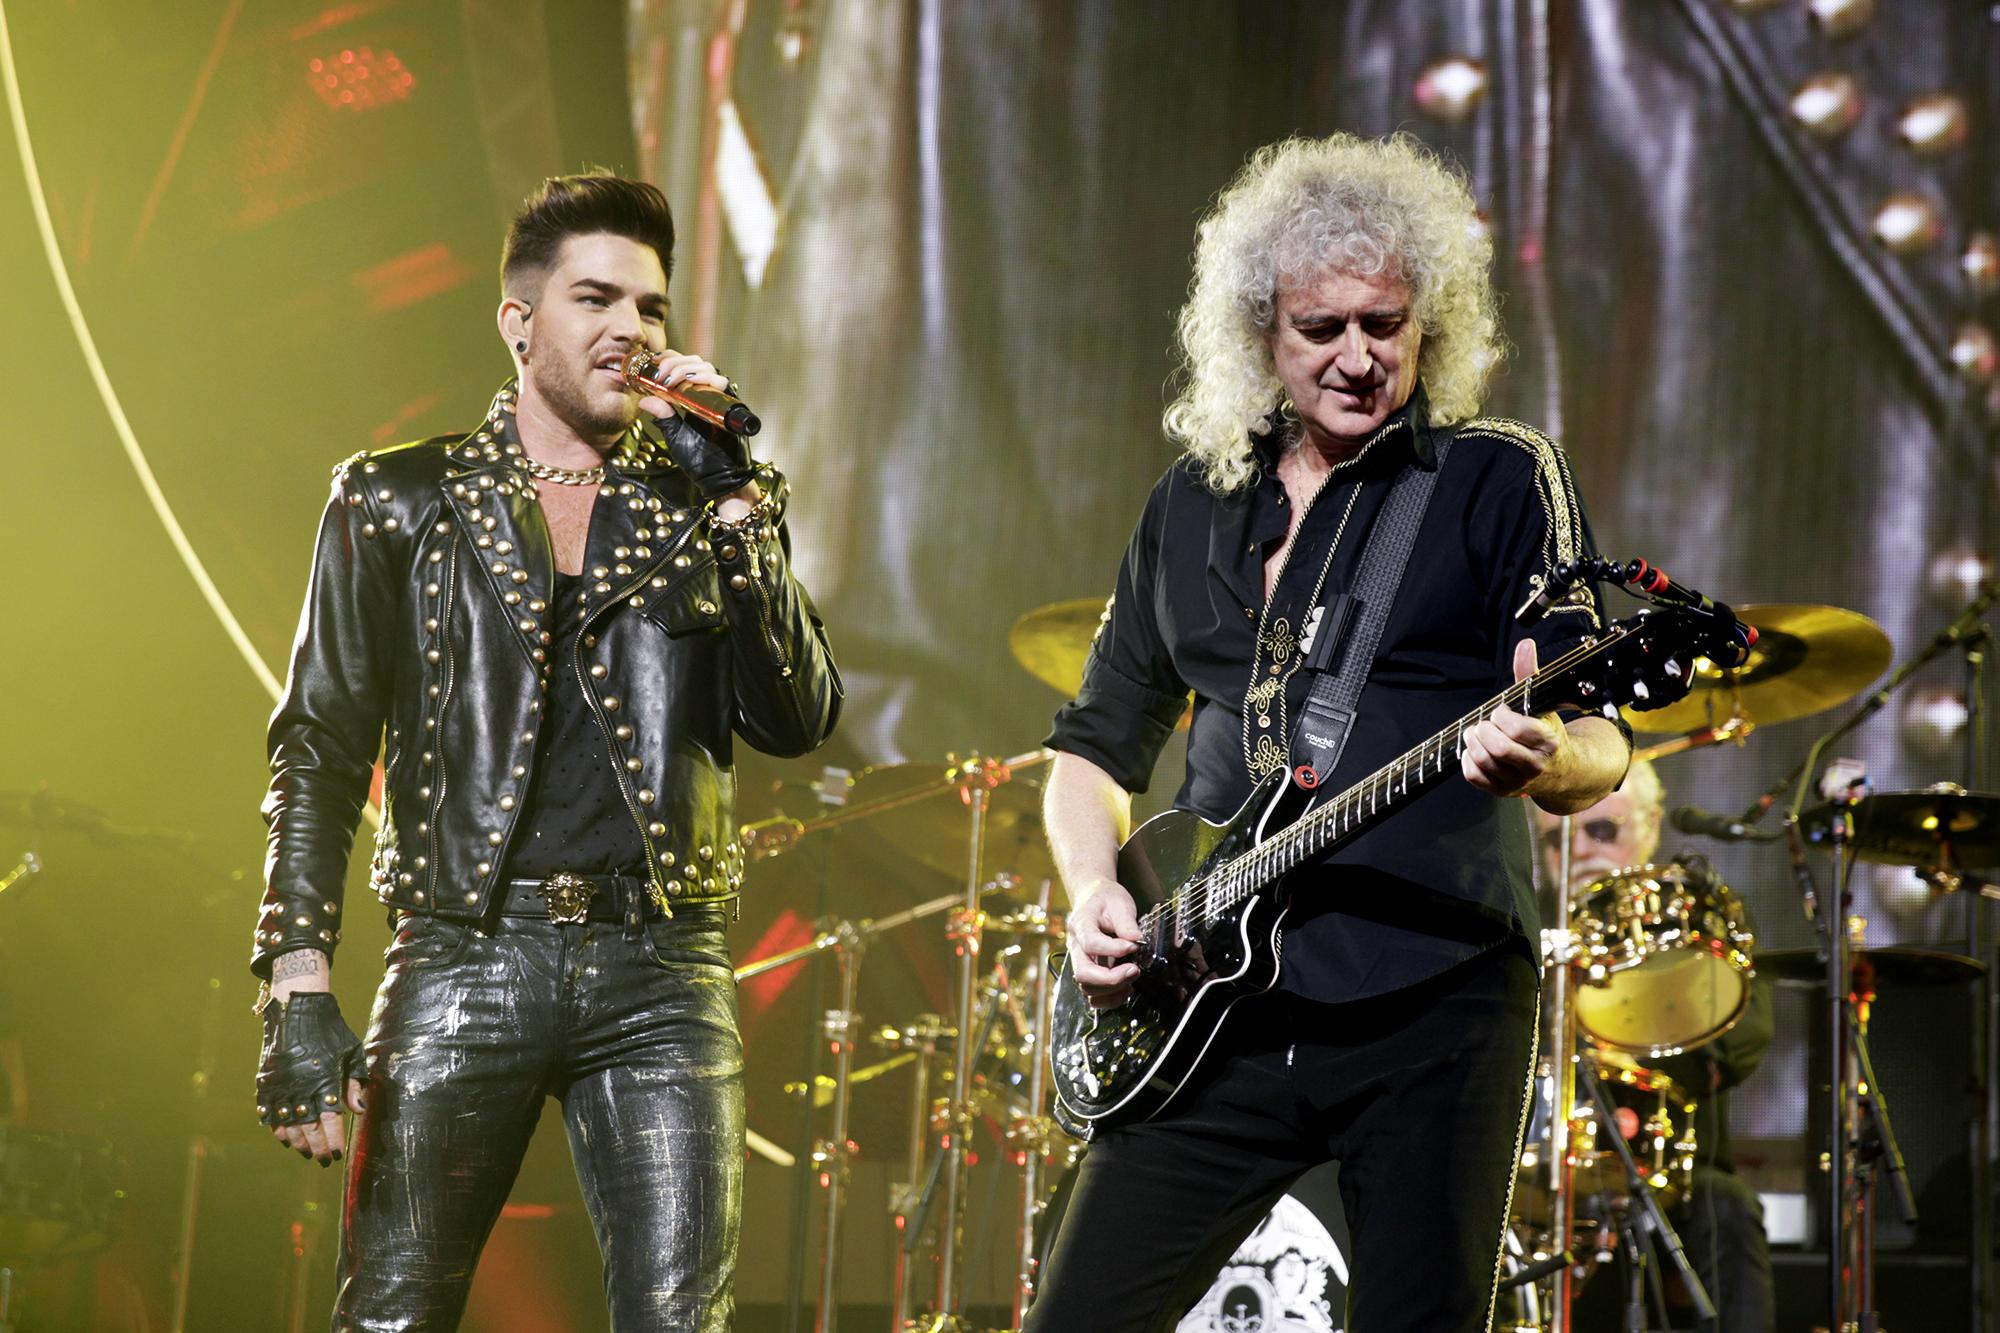 Queen + Adam Lambert perform on Jan. 29, 2015 in Indianapolis, Ind.